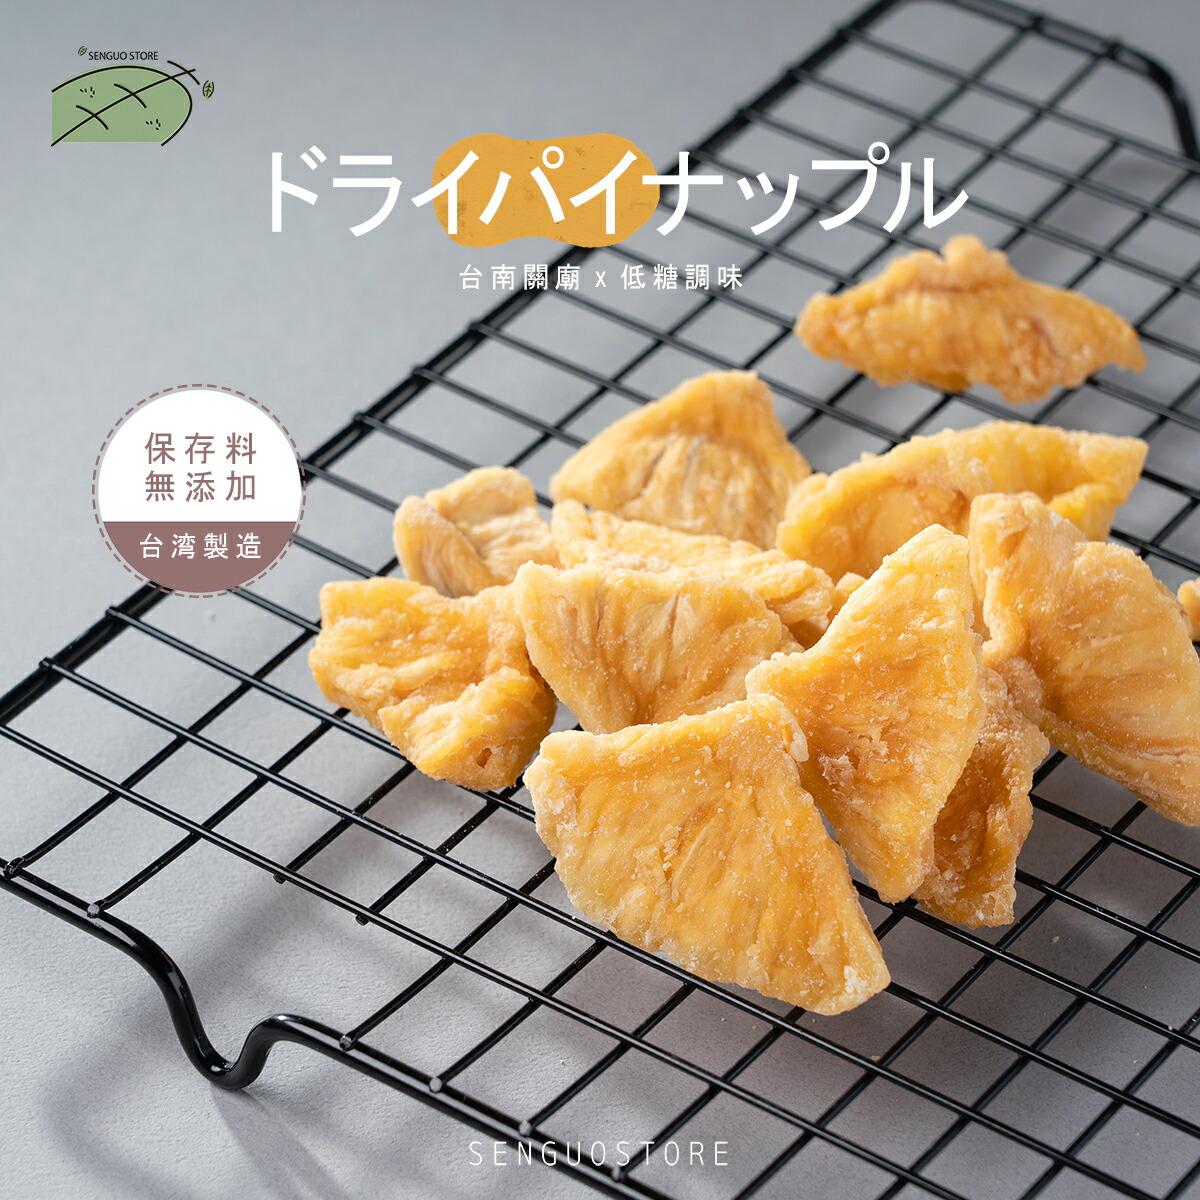 Senguo ドライパイナップル 300g ドライフルーツ チップス 乾燥 ヘルシー 100%天然 スナック ジューシー【senguo】【台湾直送】【202006set06】